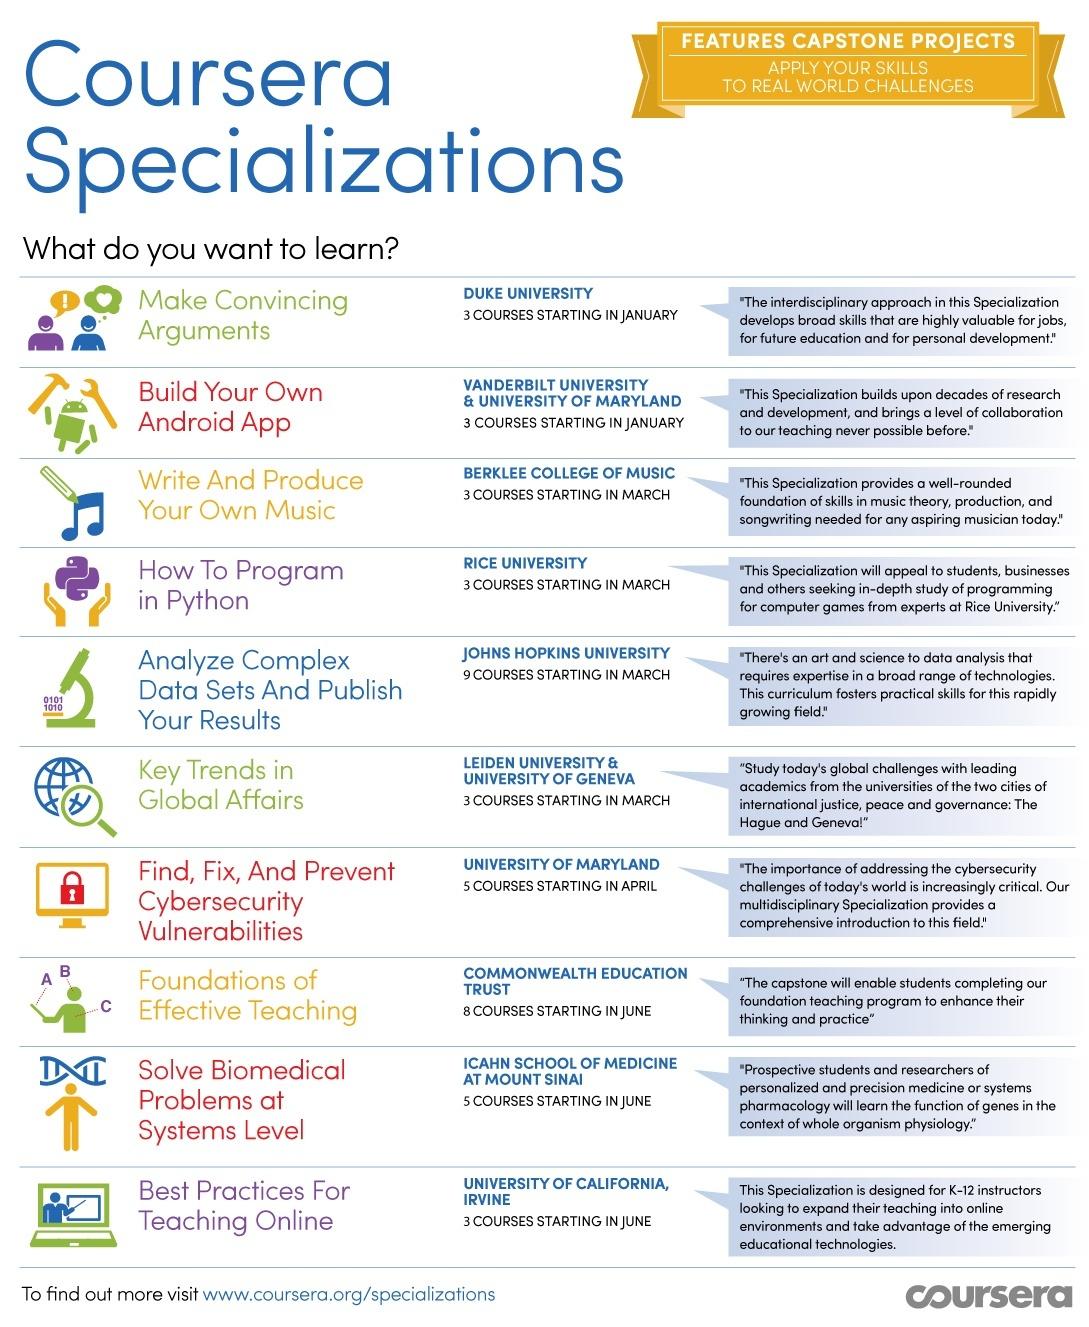 asic design resume clinical sas programmer cover letter